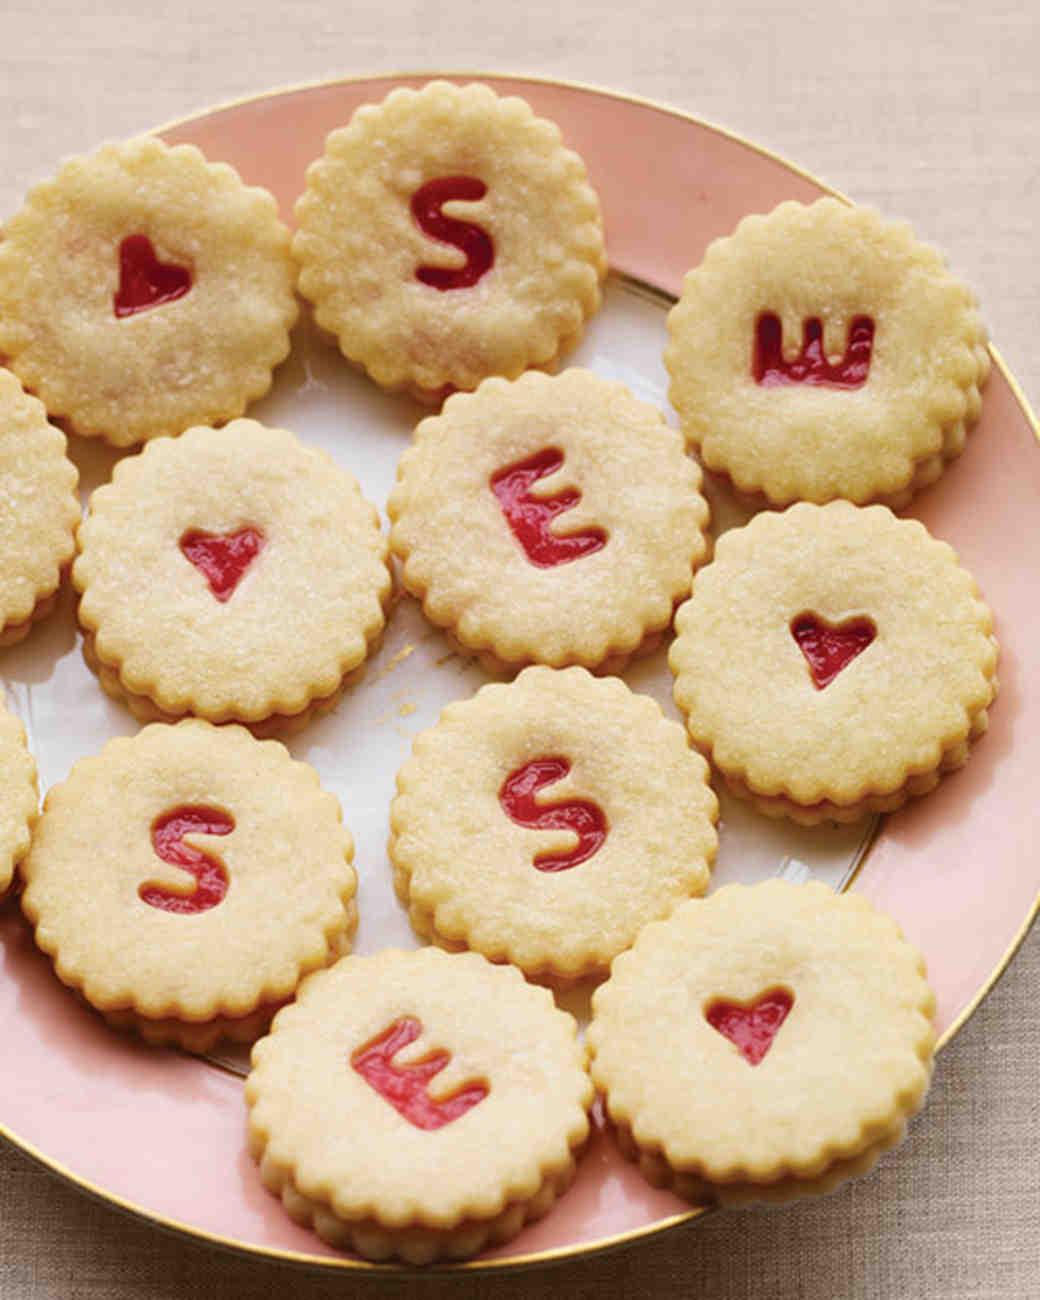 mwd105451_spr10_cookies.jpg